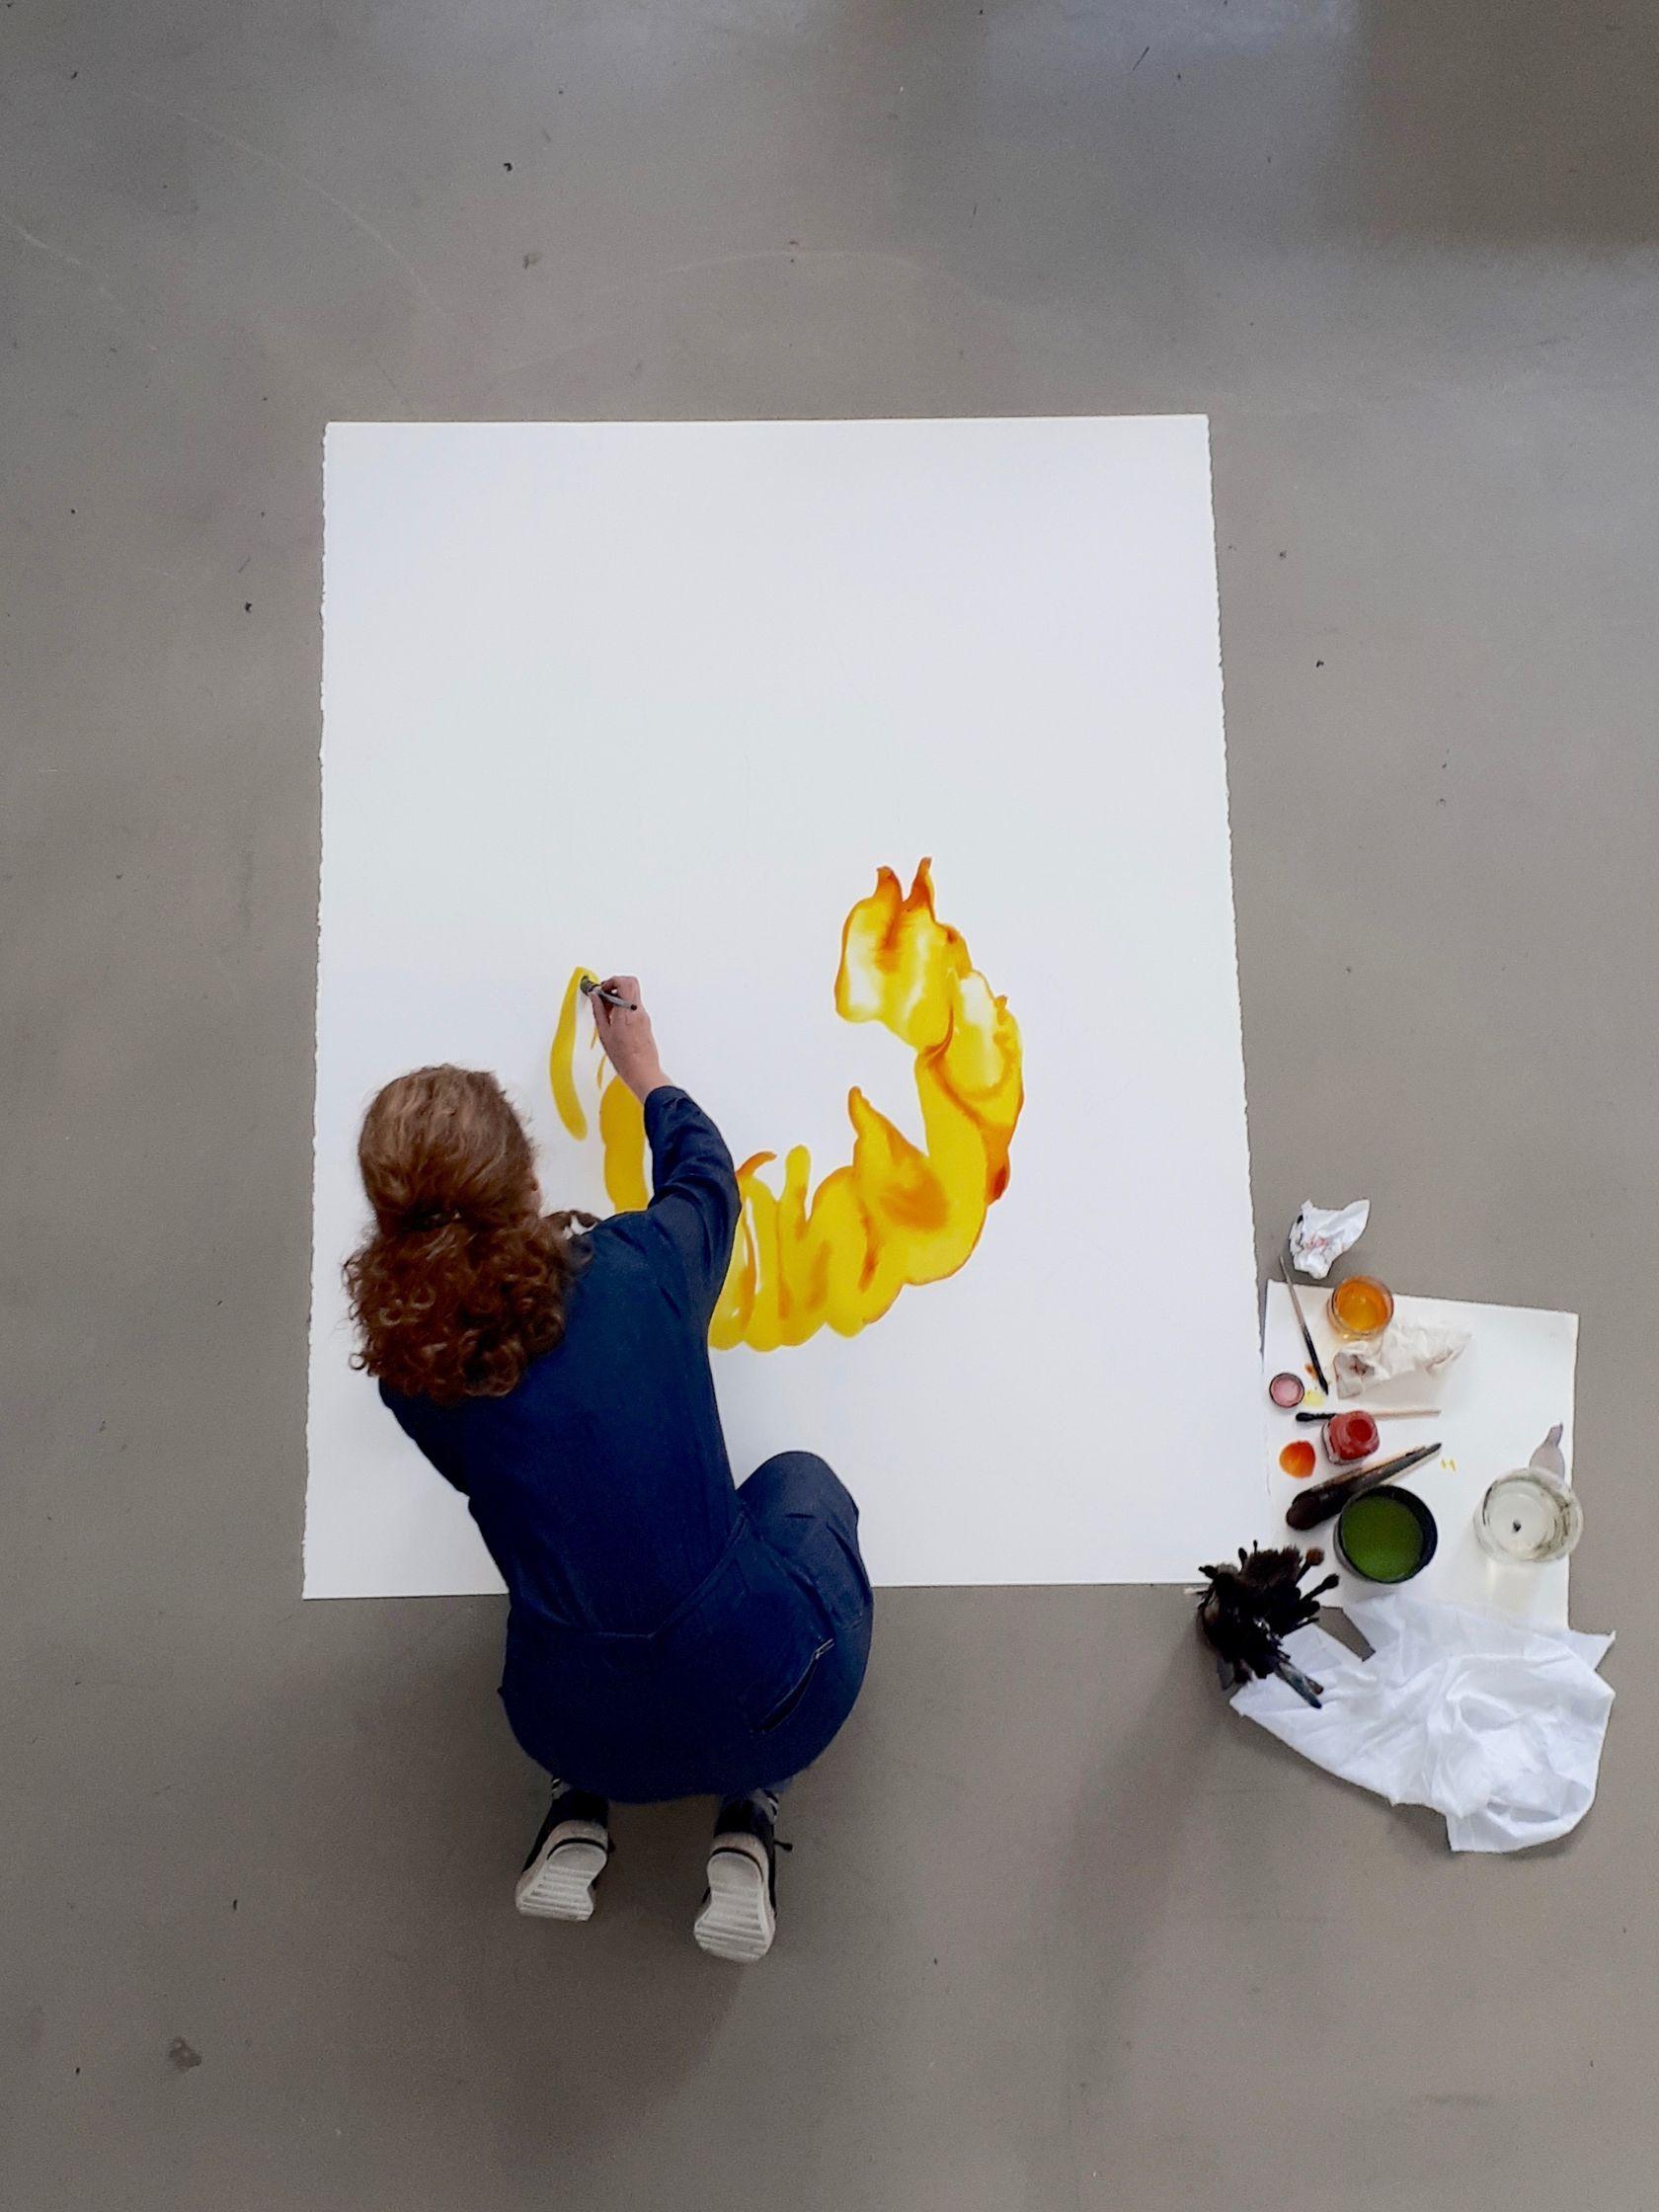 Françoise Pétrovitch Prix de dessin  Fondation d'art contemporain Daniel & Florence Guerlain, Paris (FR) 25 — 25 mars 2021